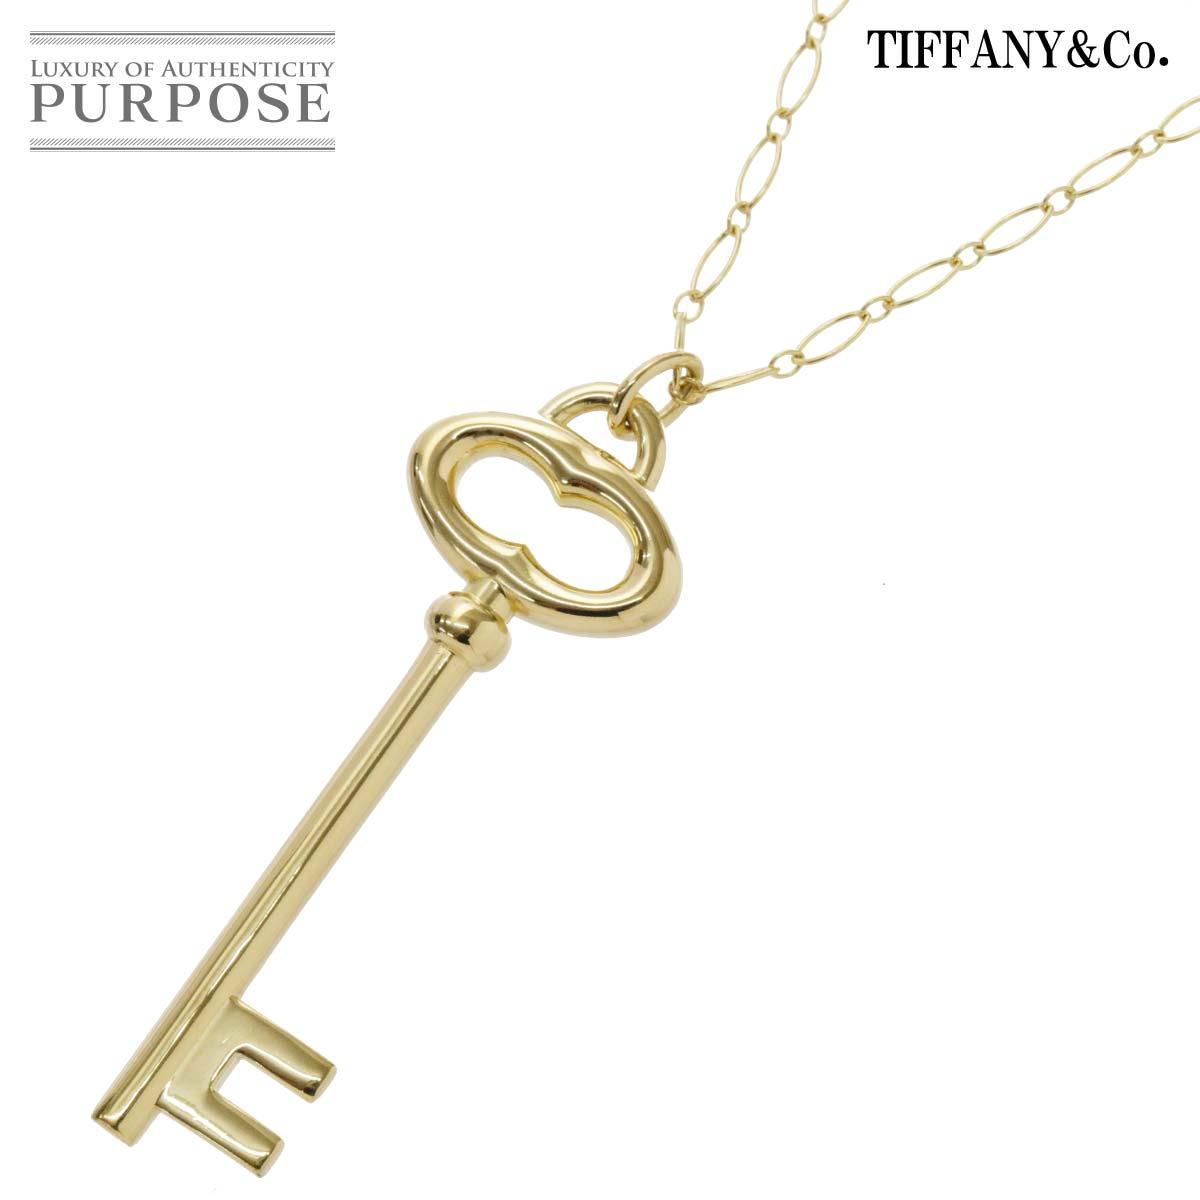 【新品仕上げ】 ティファニー TIFFANY&Co. キー ネックレス 61cm K18YG 18金イエローゴールド 750 鍵 【中古】